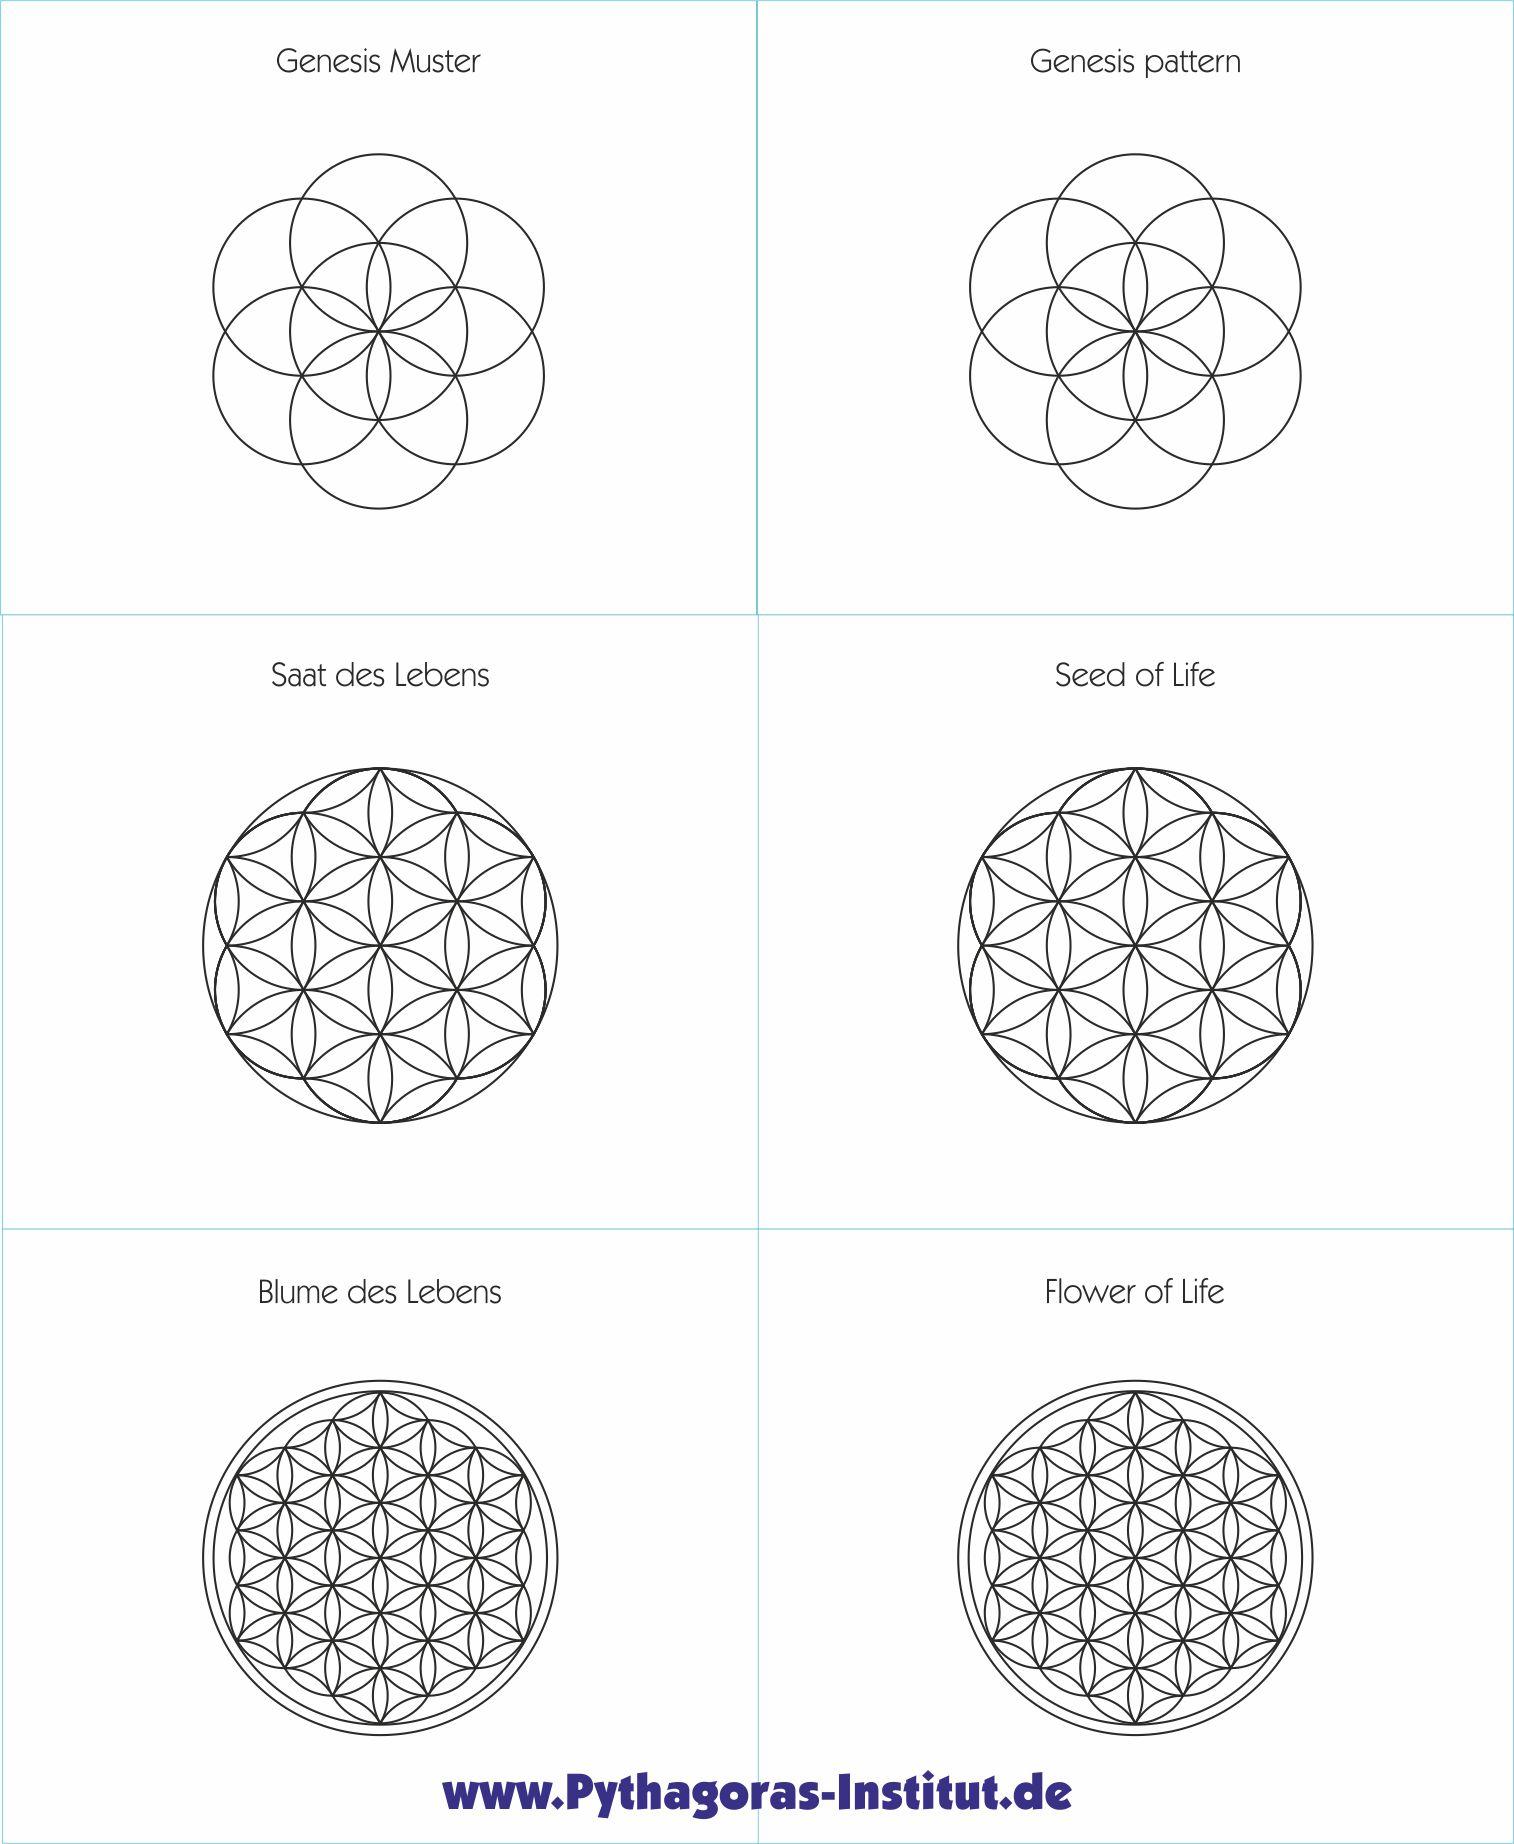 Die Symbole Genesismuster, Saat des Lebens und Blume des Lebens im Vergleich. Das Bild ist ein Ausschnitt der Lehrtafel